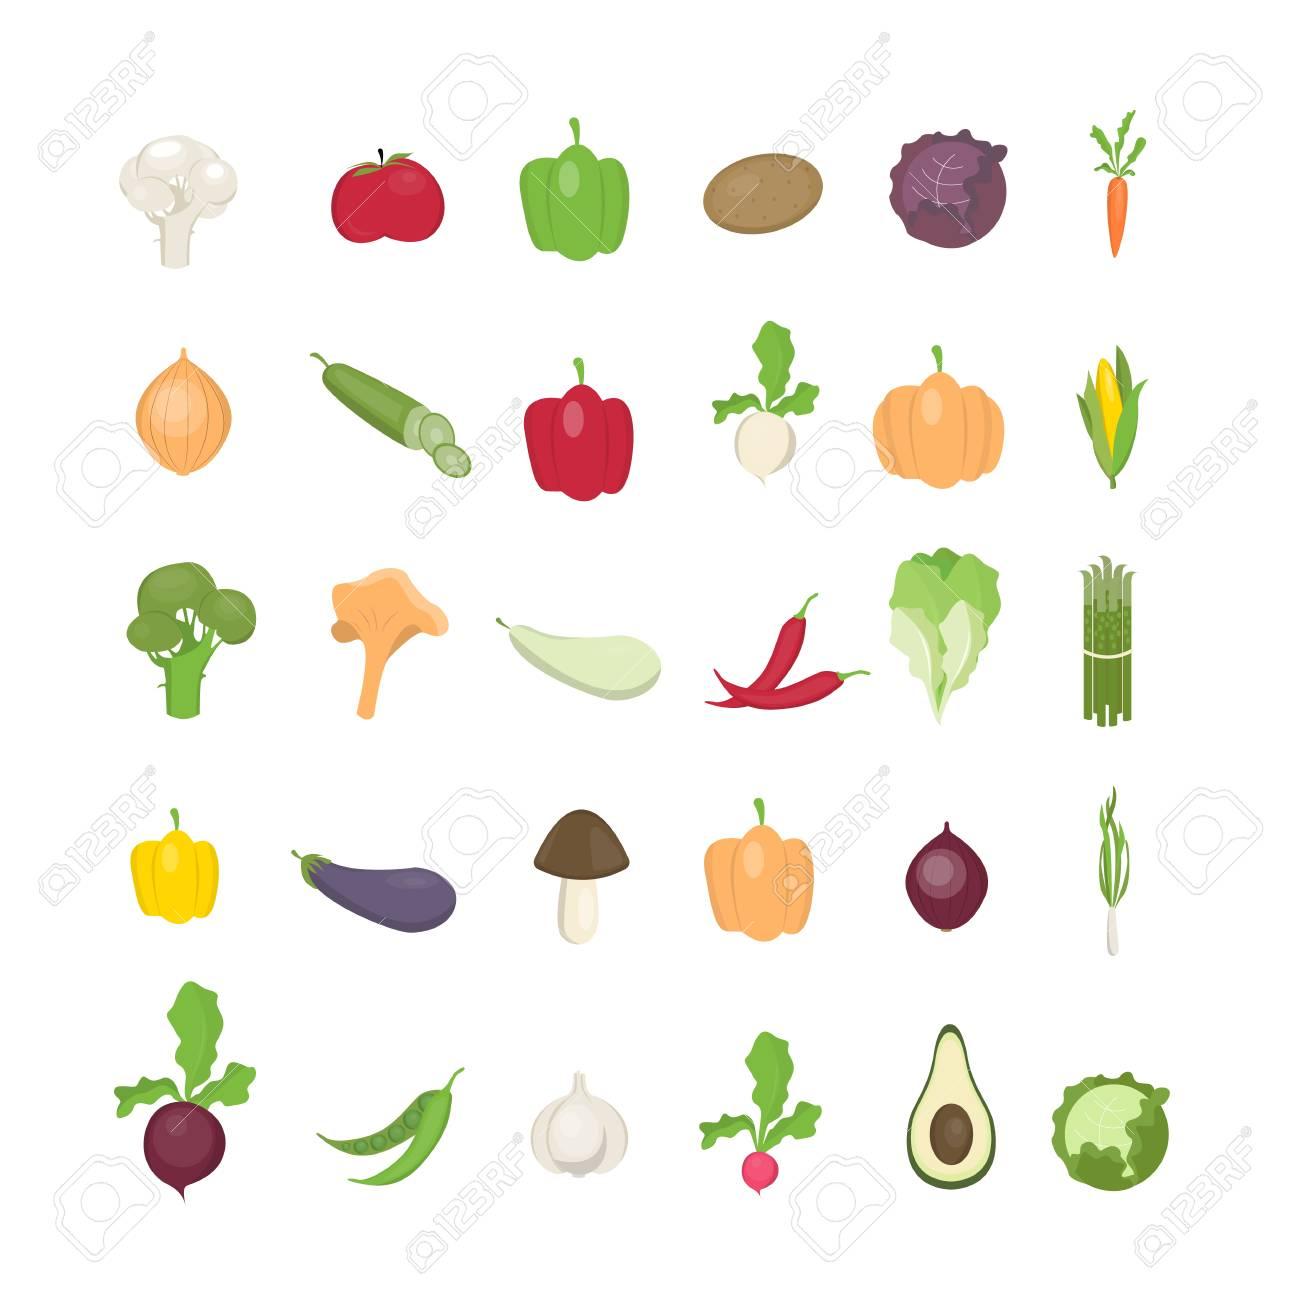 野菜イラスト セットのイラスト素材ベクタ Image 90589827